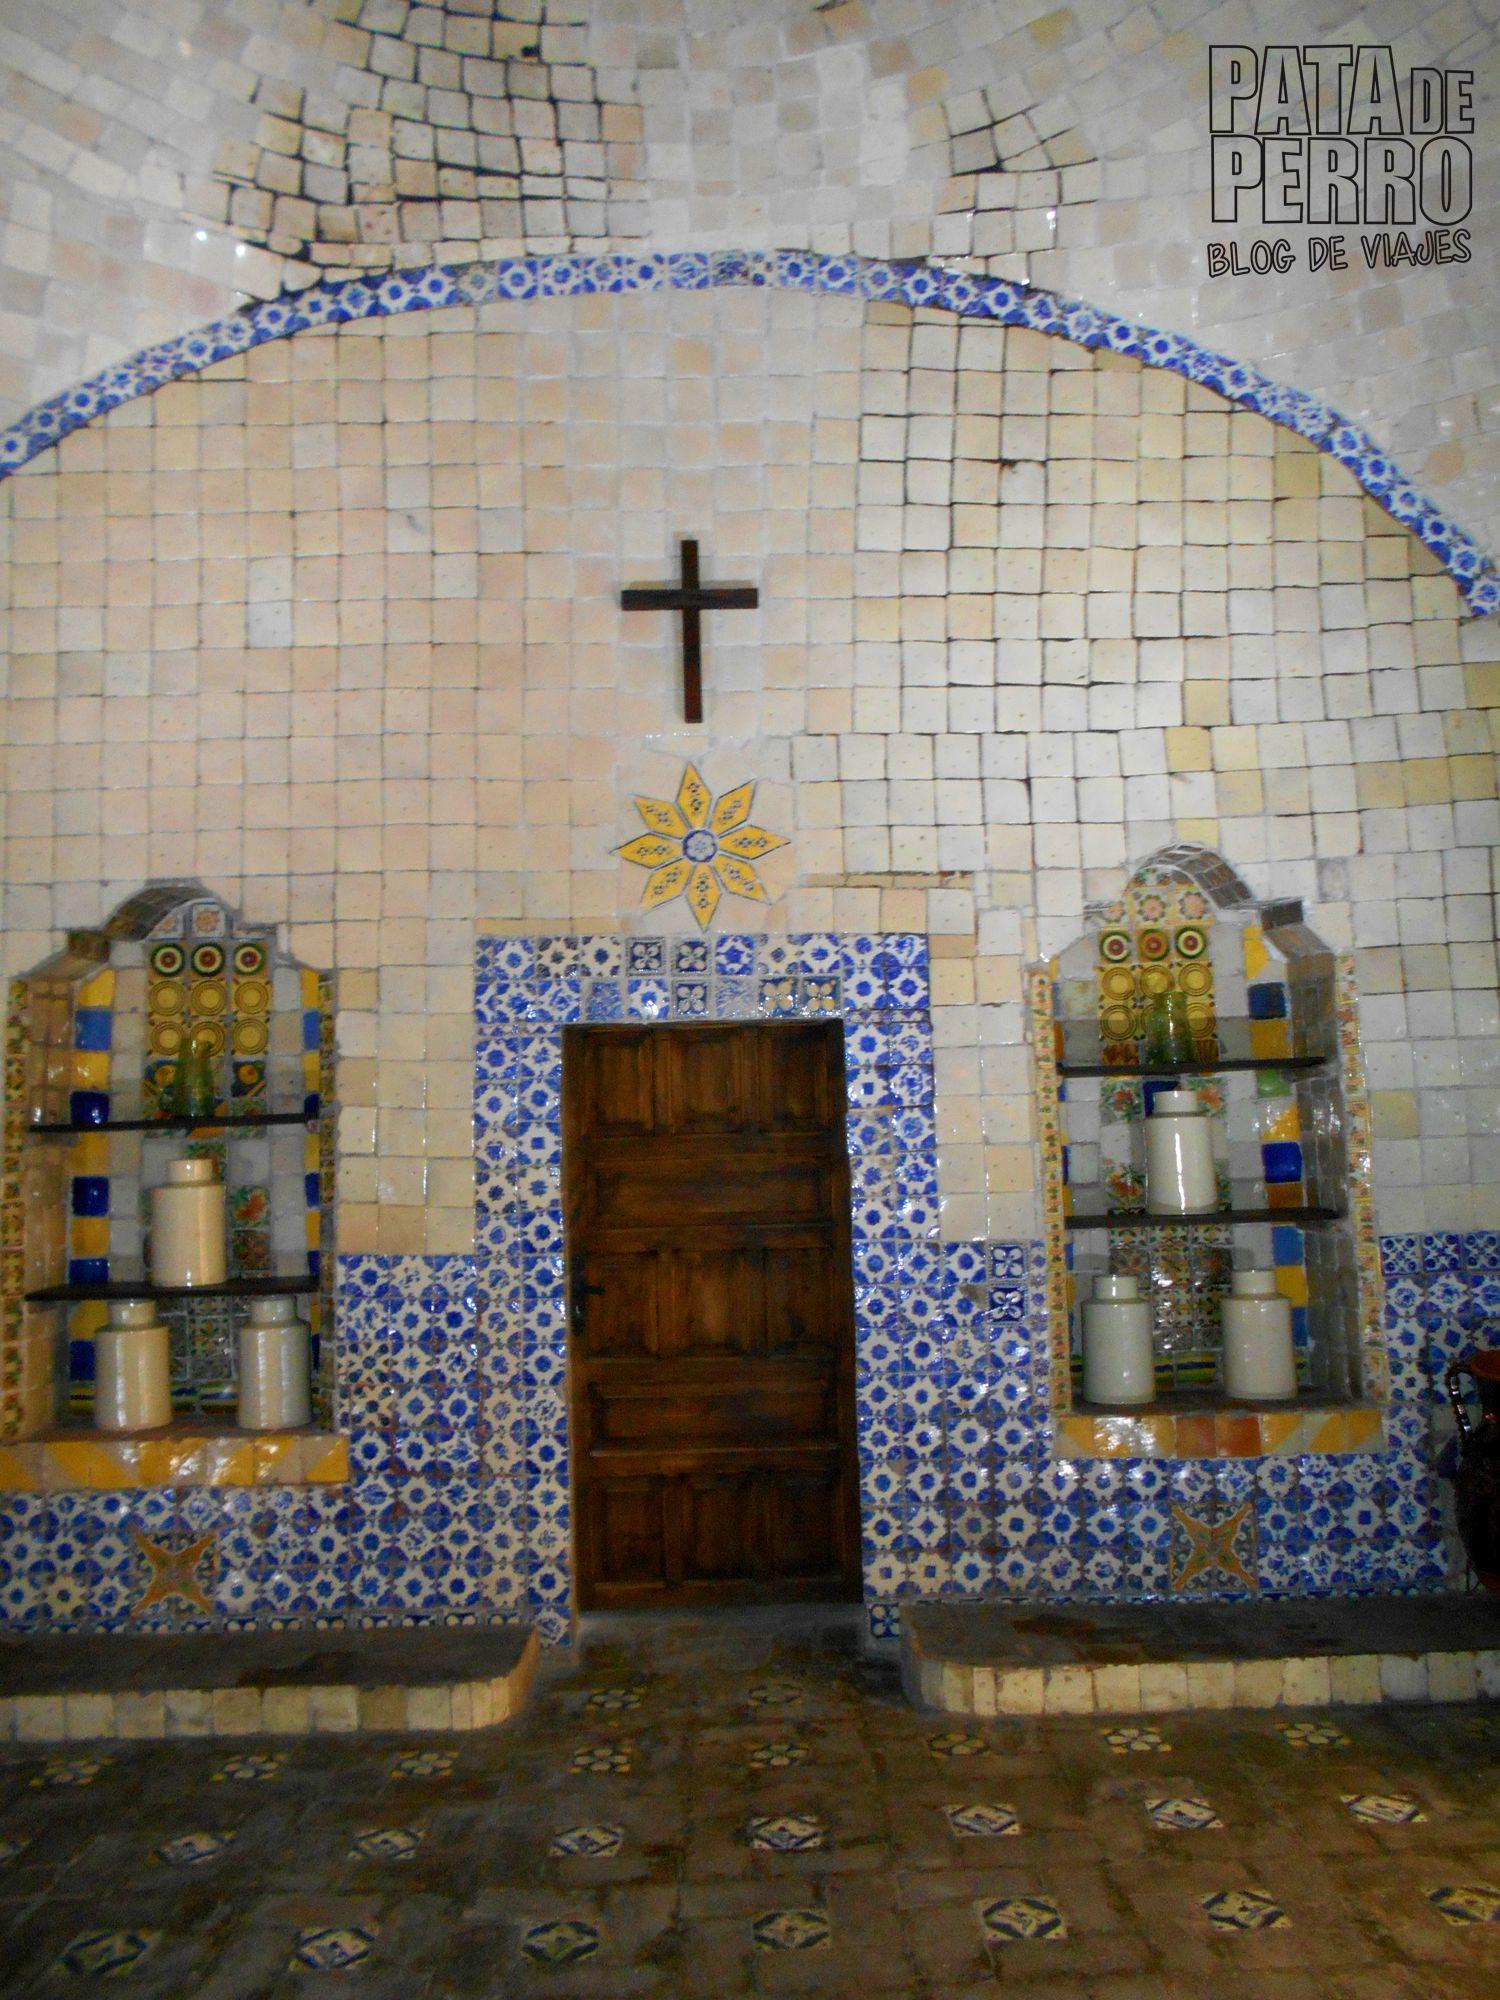 convento de santa rosa mole poblano pata de perro blog de viajes03